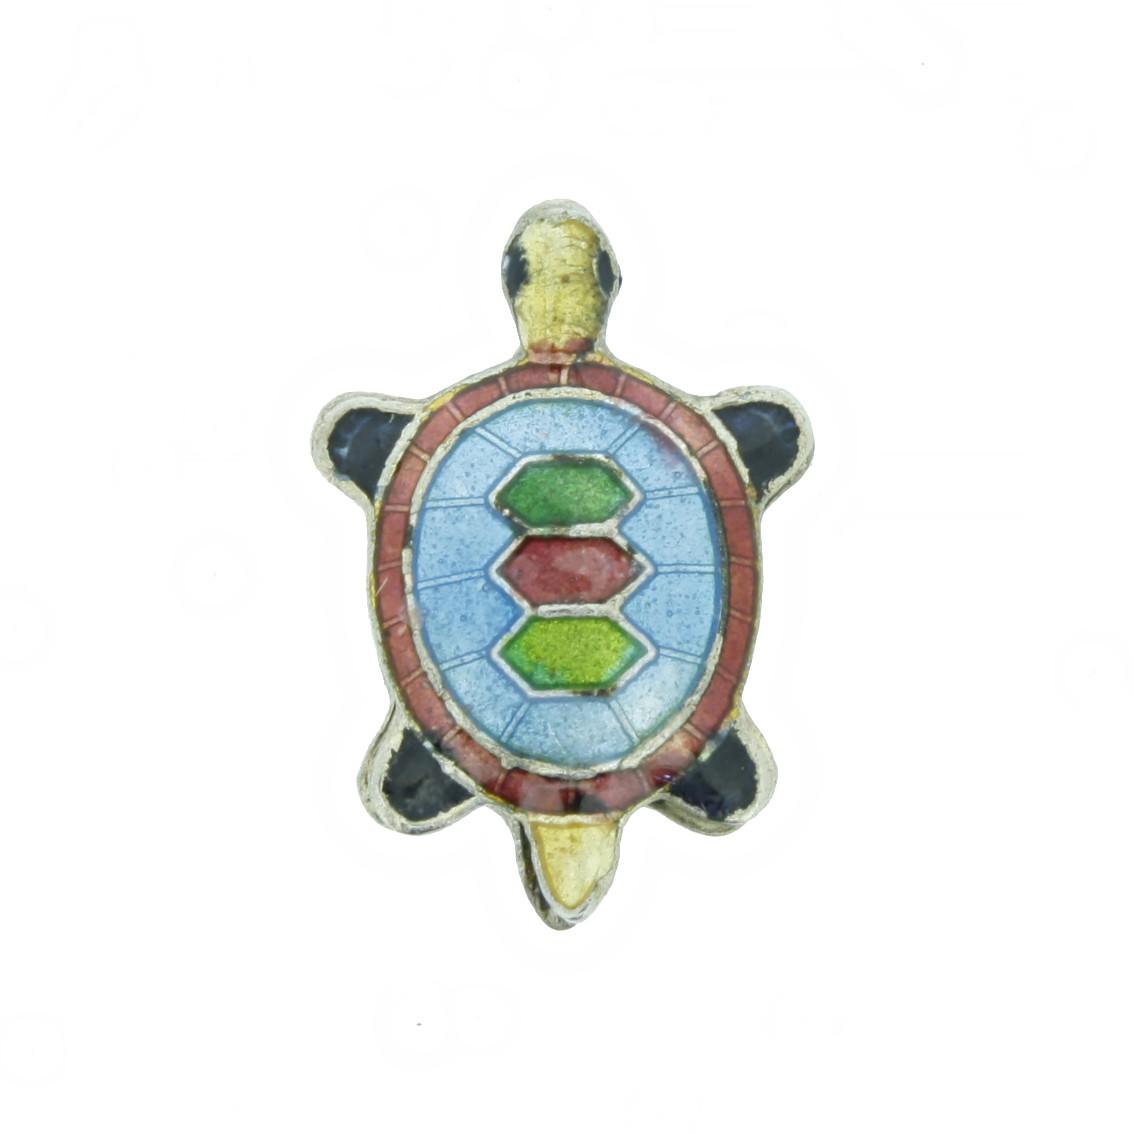 Cloisonné - Entremeio - Tartaruga - Azul  - Universo Religioso® - Artigos de Umbanda e Candomblé